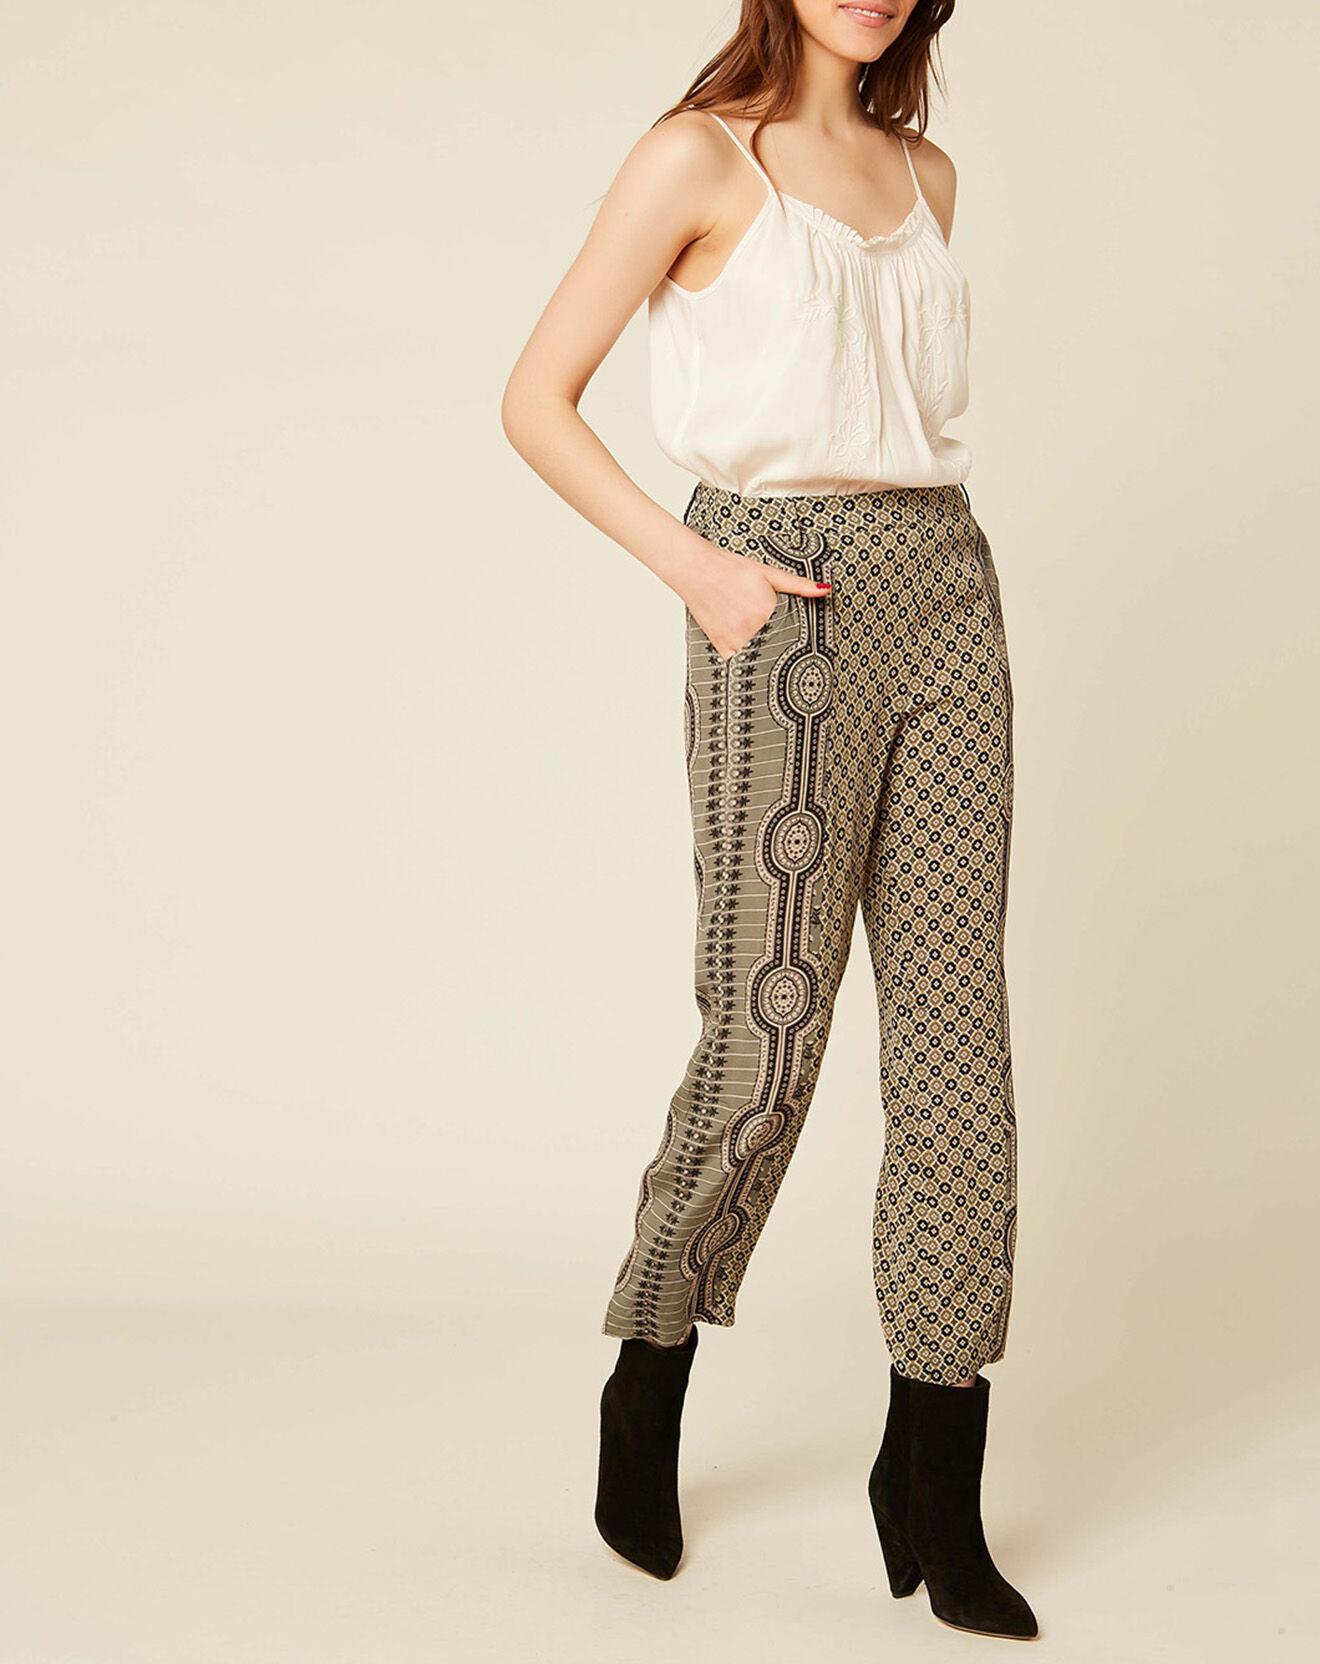 Pantalon Java kaki - Stella Forest - Modalova